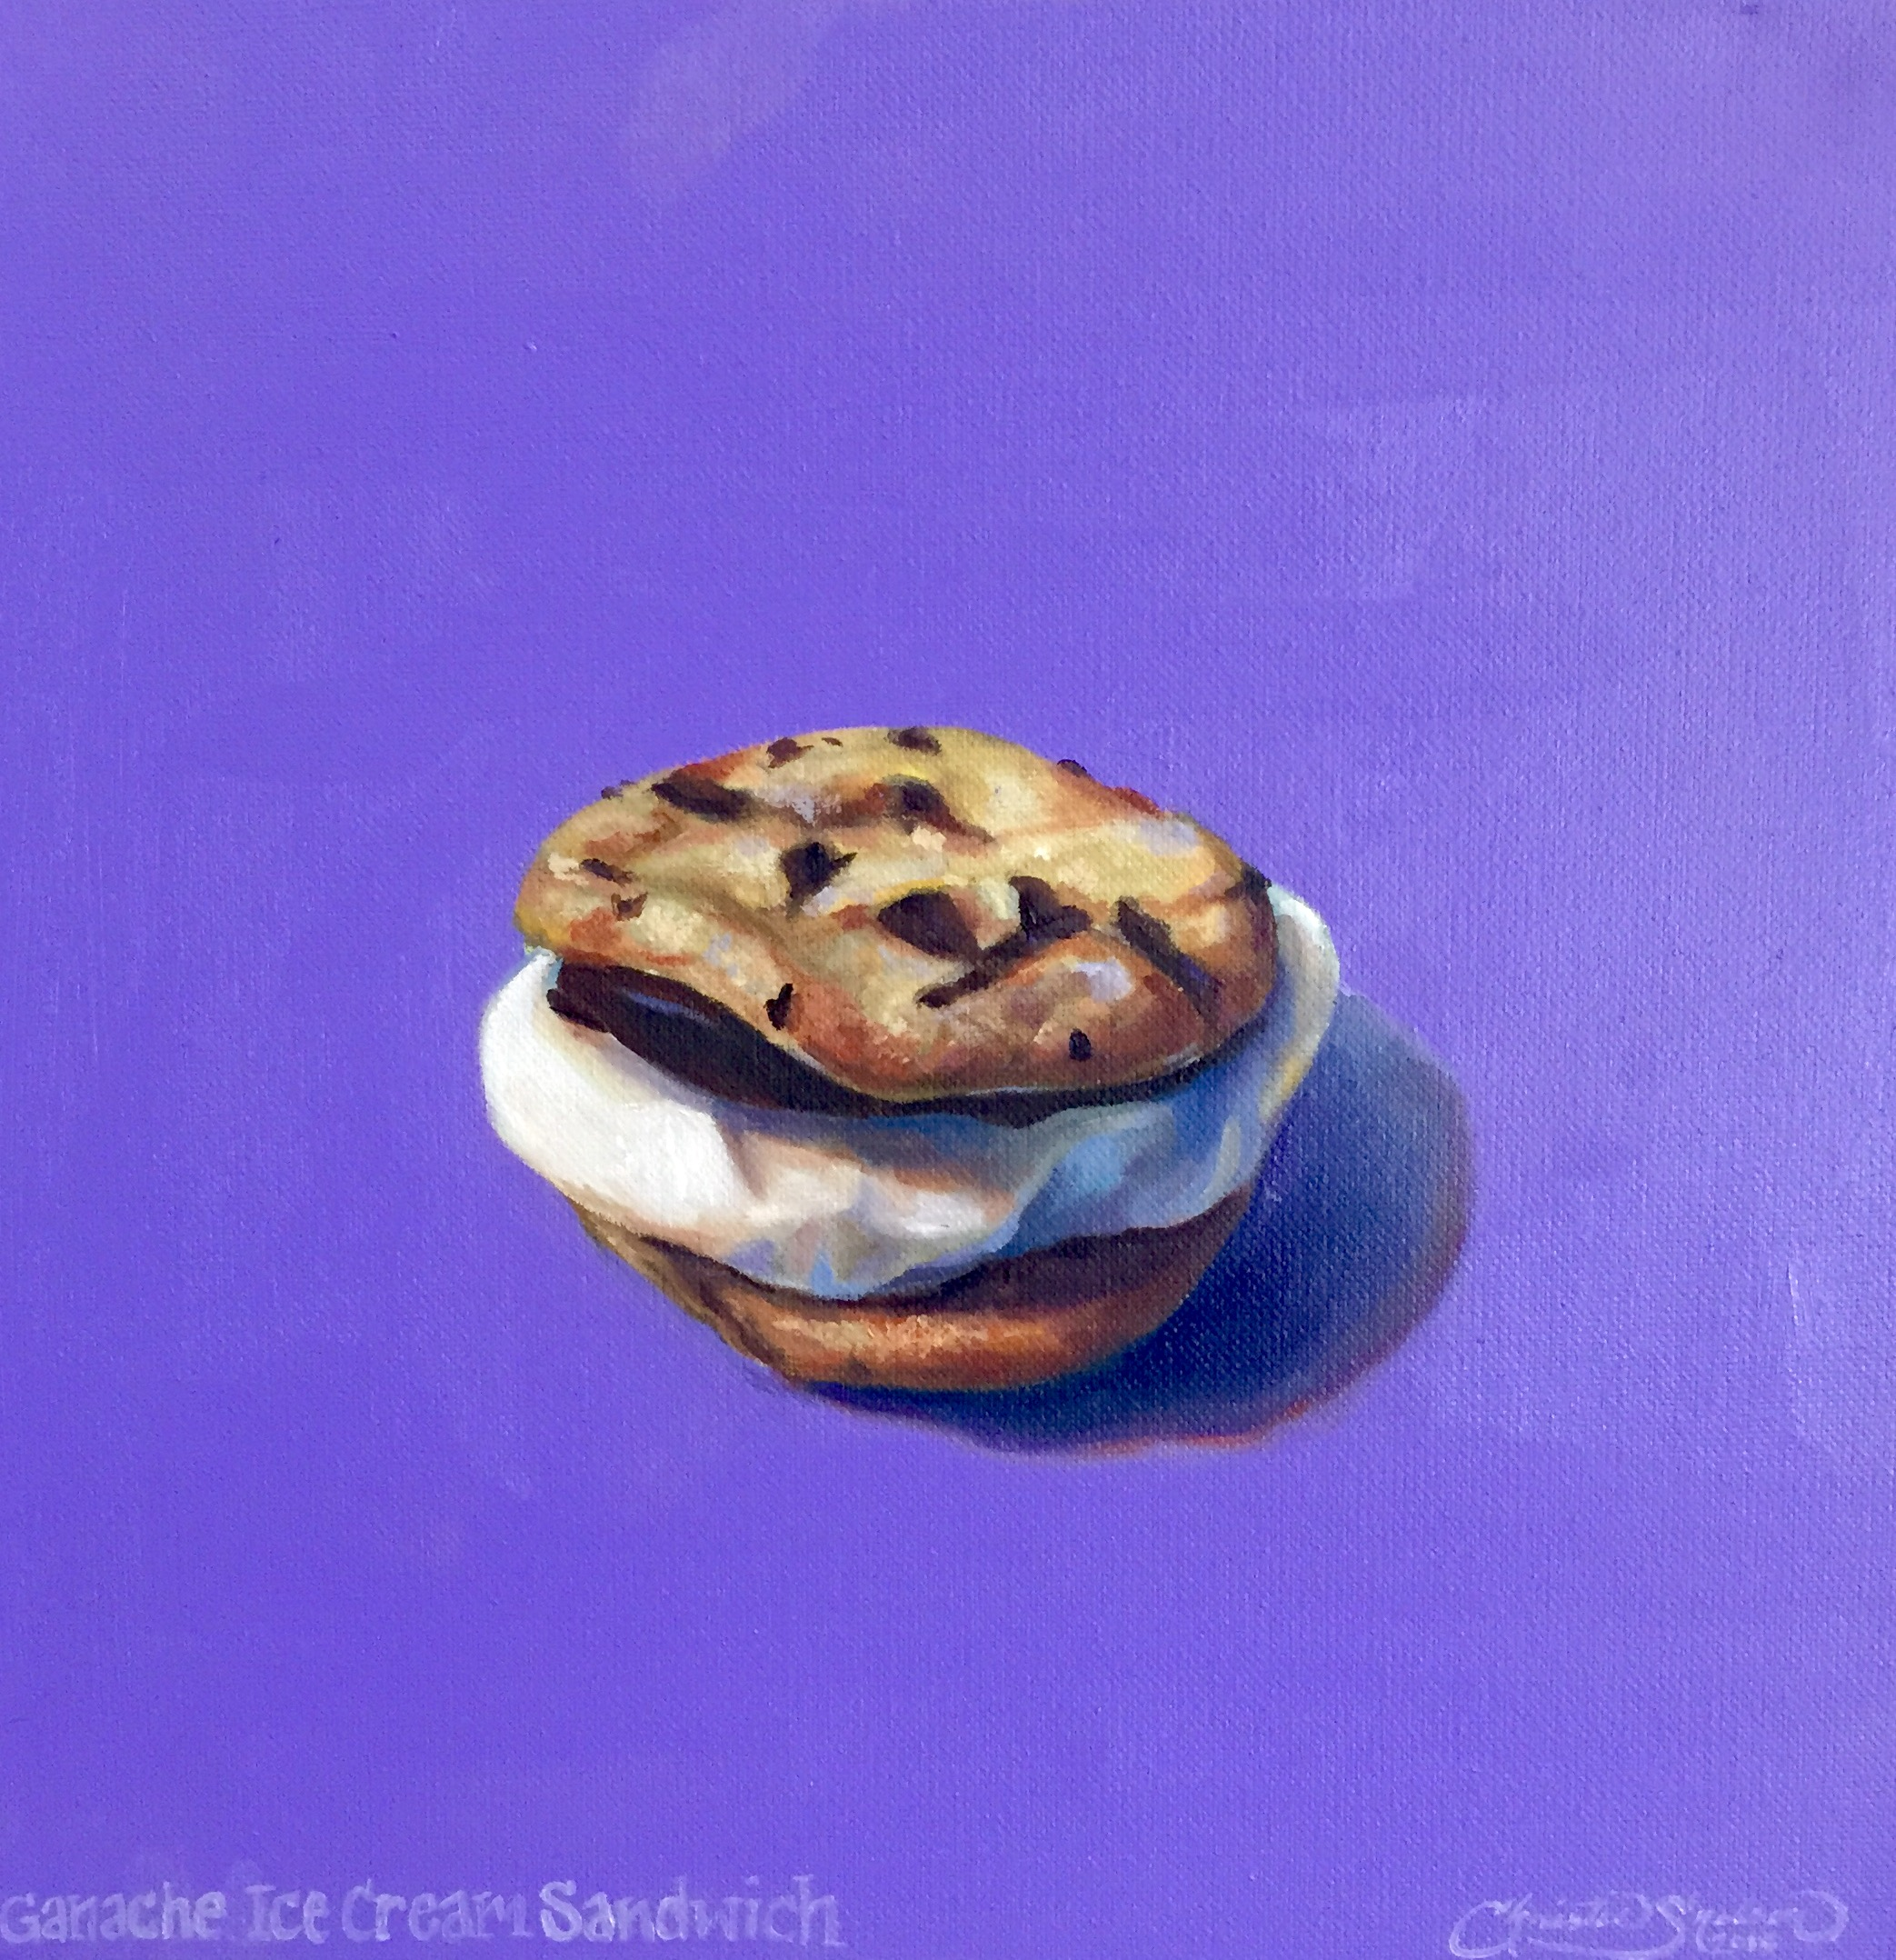 Elles Patisserie_Chocolate Ganache Ice Cream Sandwich_Christie Snelson.JPG